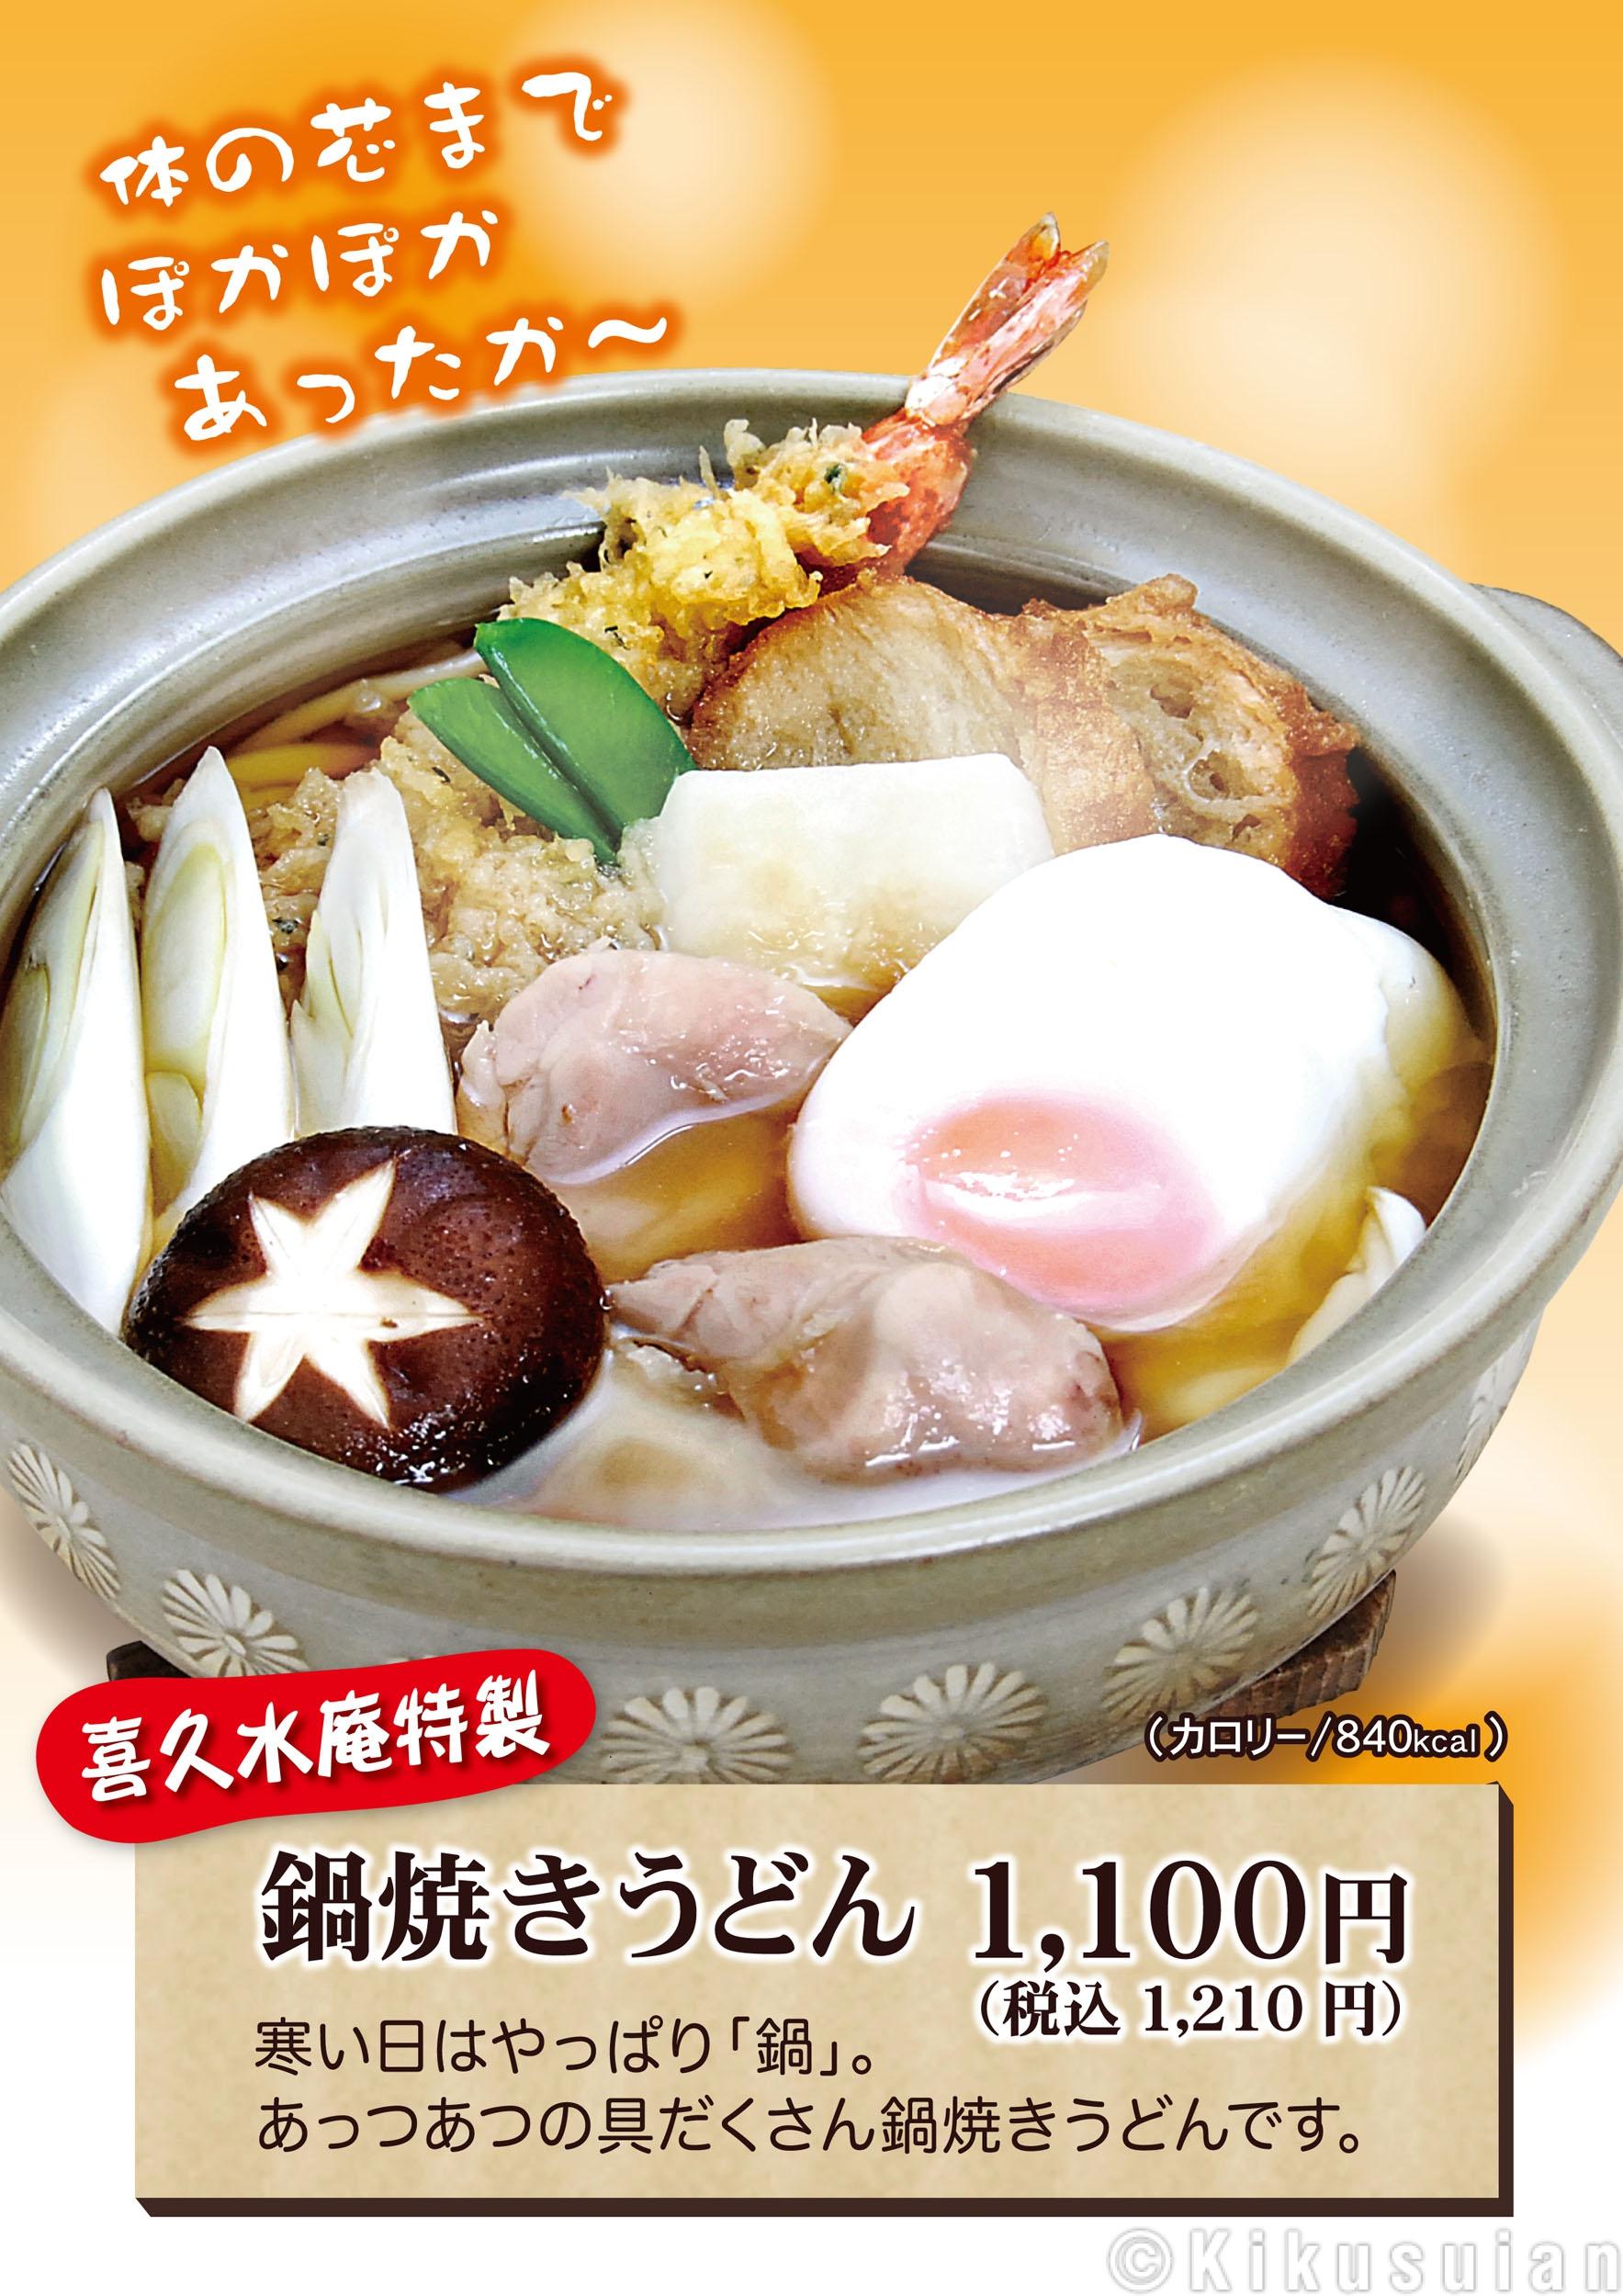 【南吉成店】アツアツ♪の鍋焼きうどんはいかがですか?